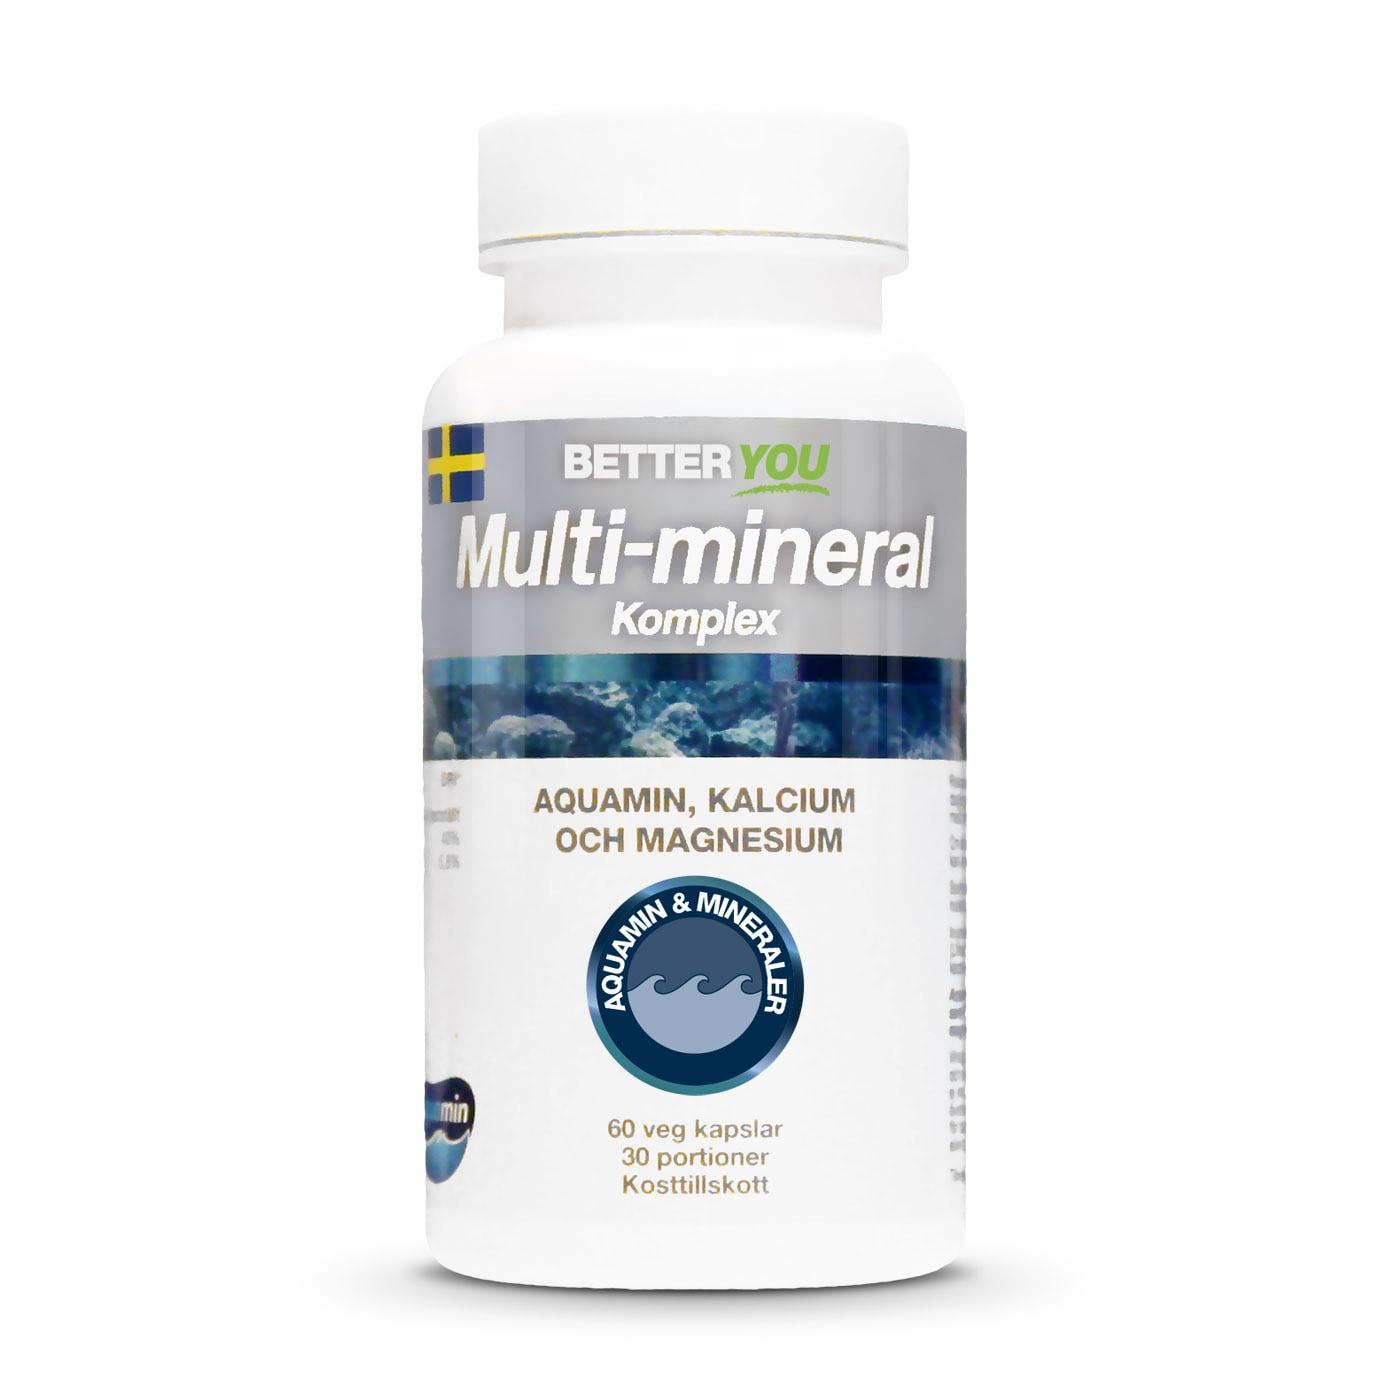 Multi-mineral Komplex